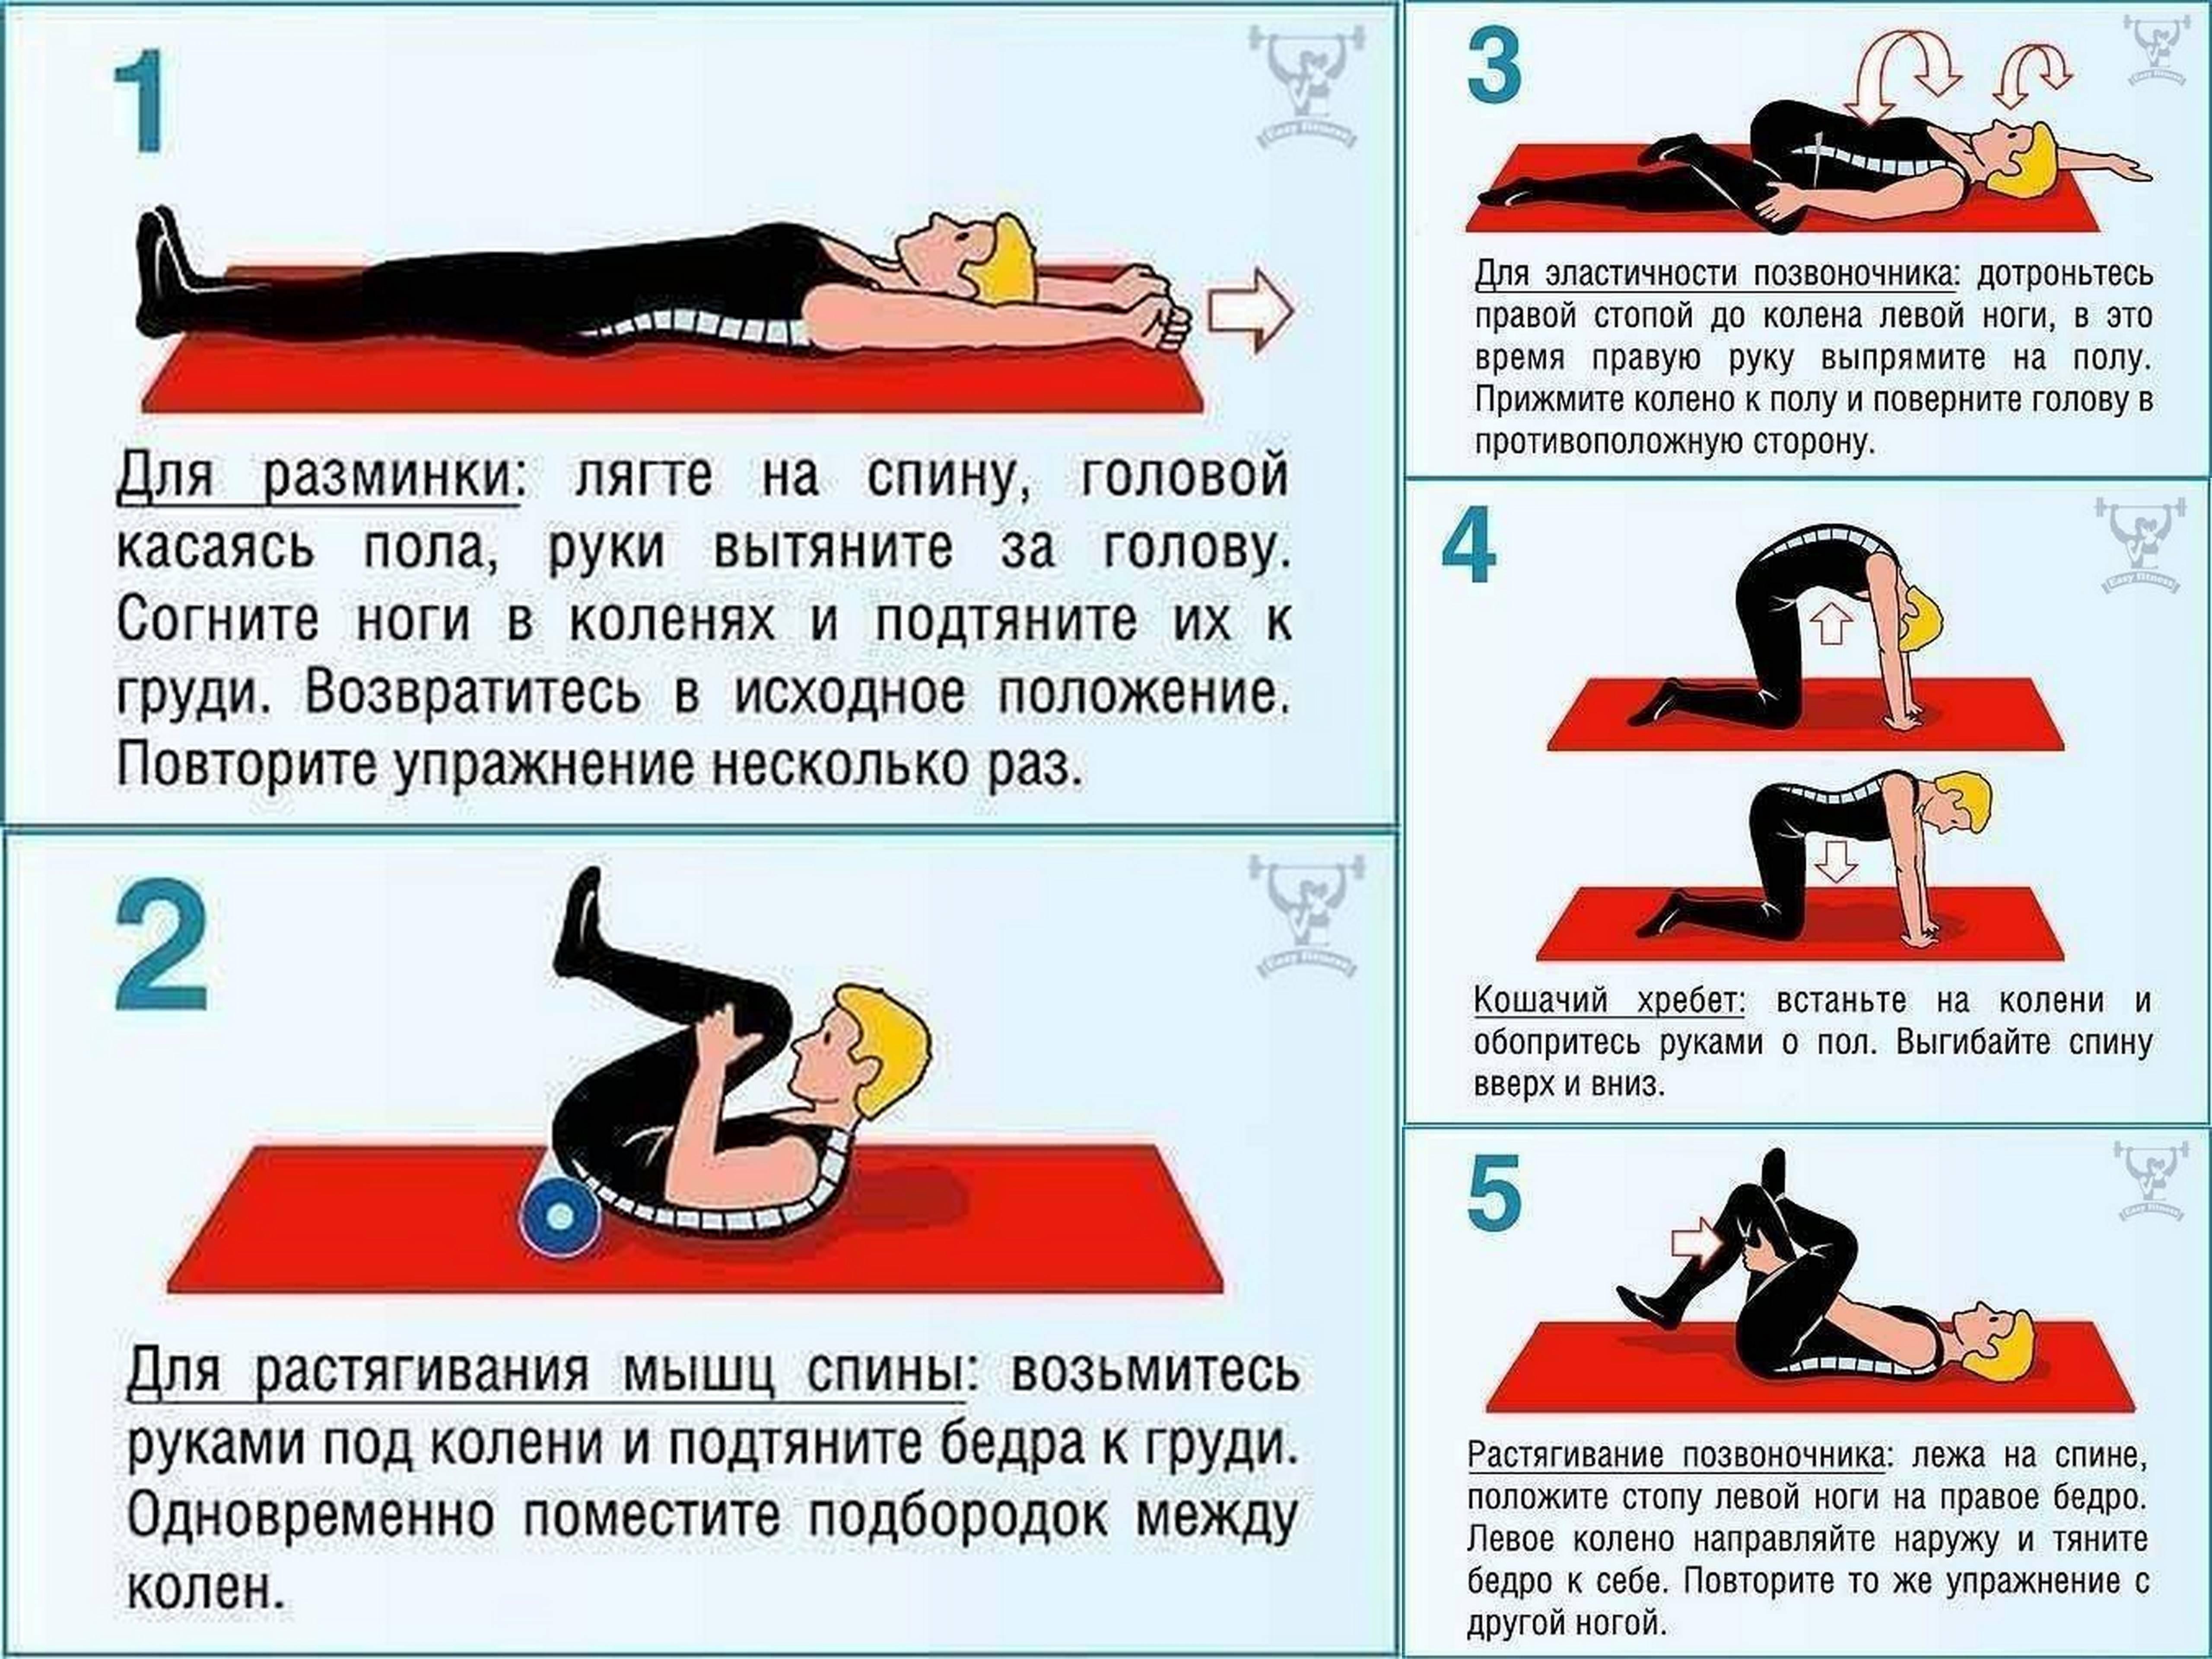 Плавание при грыже поясничного отдела позвоночника, упражнения